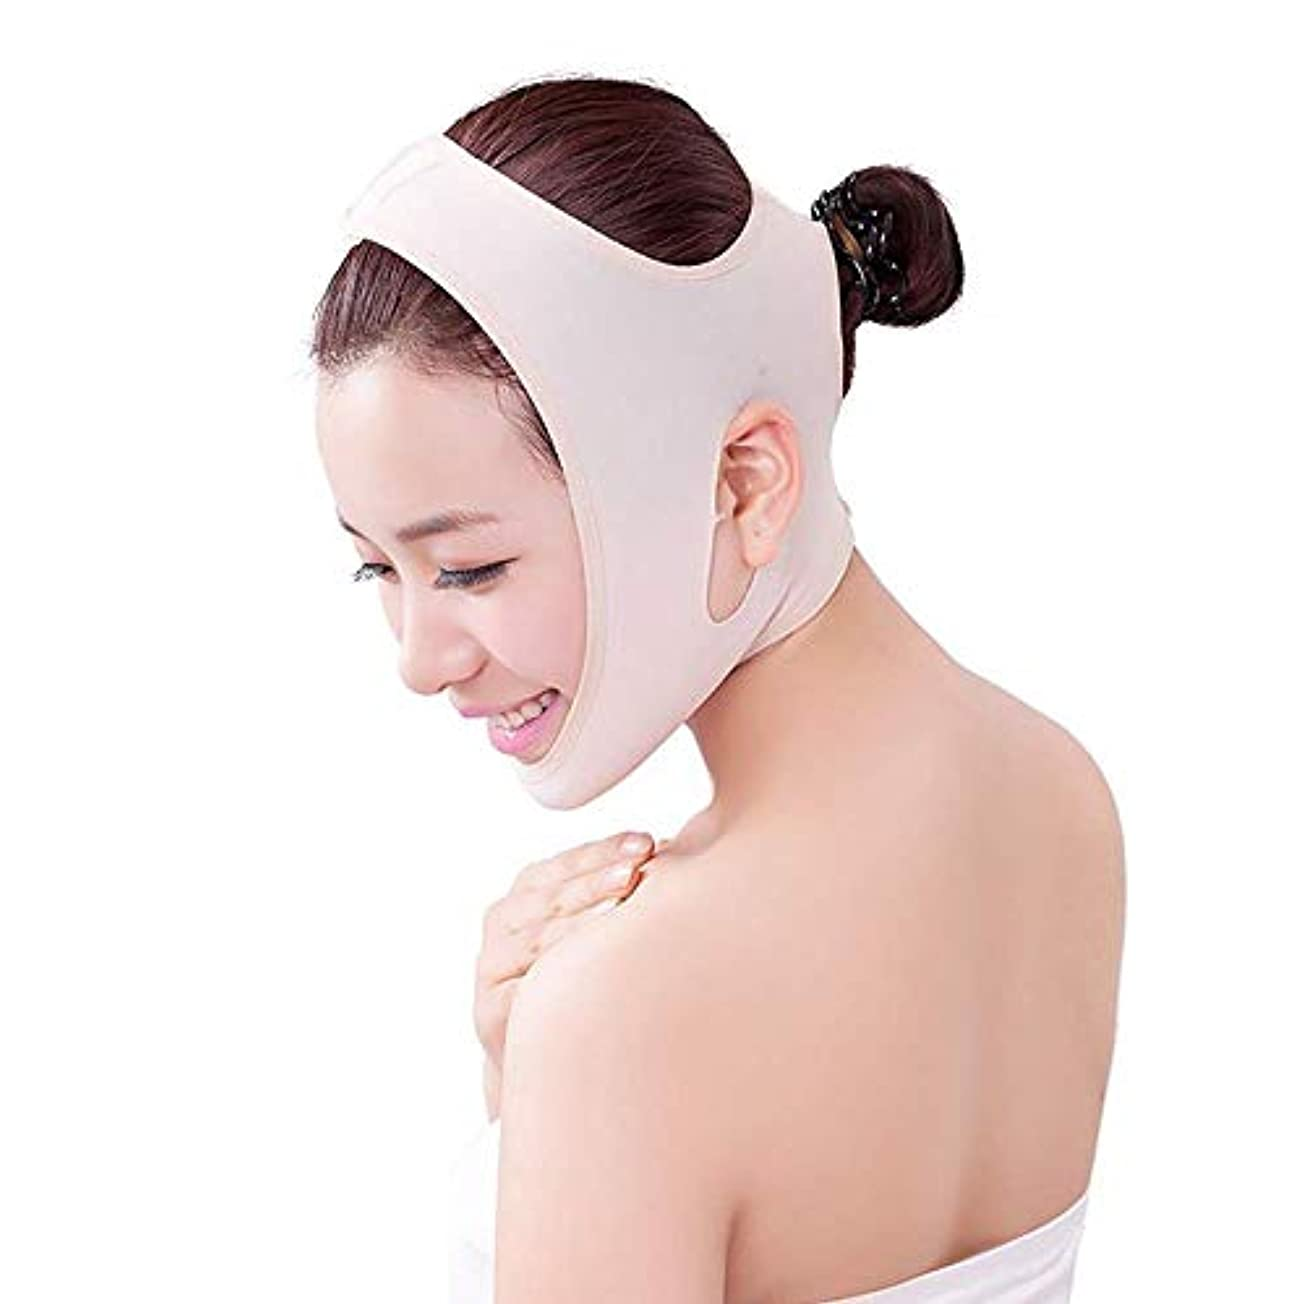 蓮レーニン主義略語Thin Face Belt - 男性用および女性用の包帯をフレンチフェイシャルリフティングマスクに固定するフェースリフティングベルト(サイズ:XS)